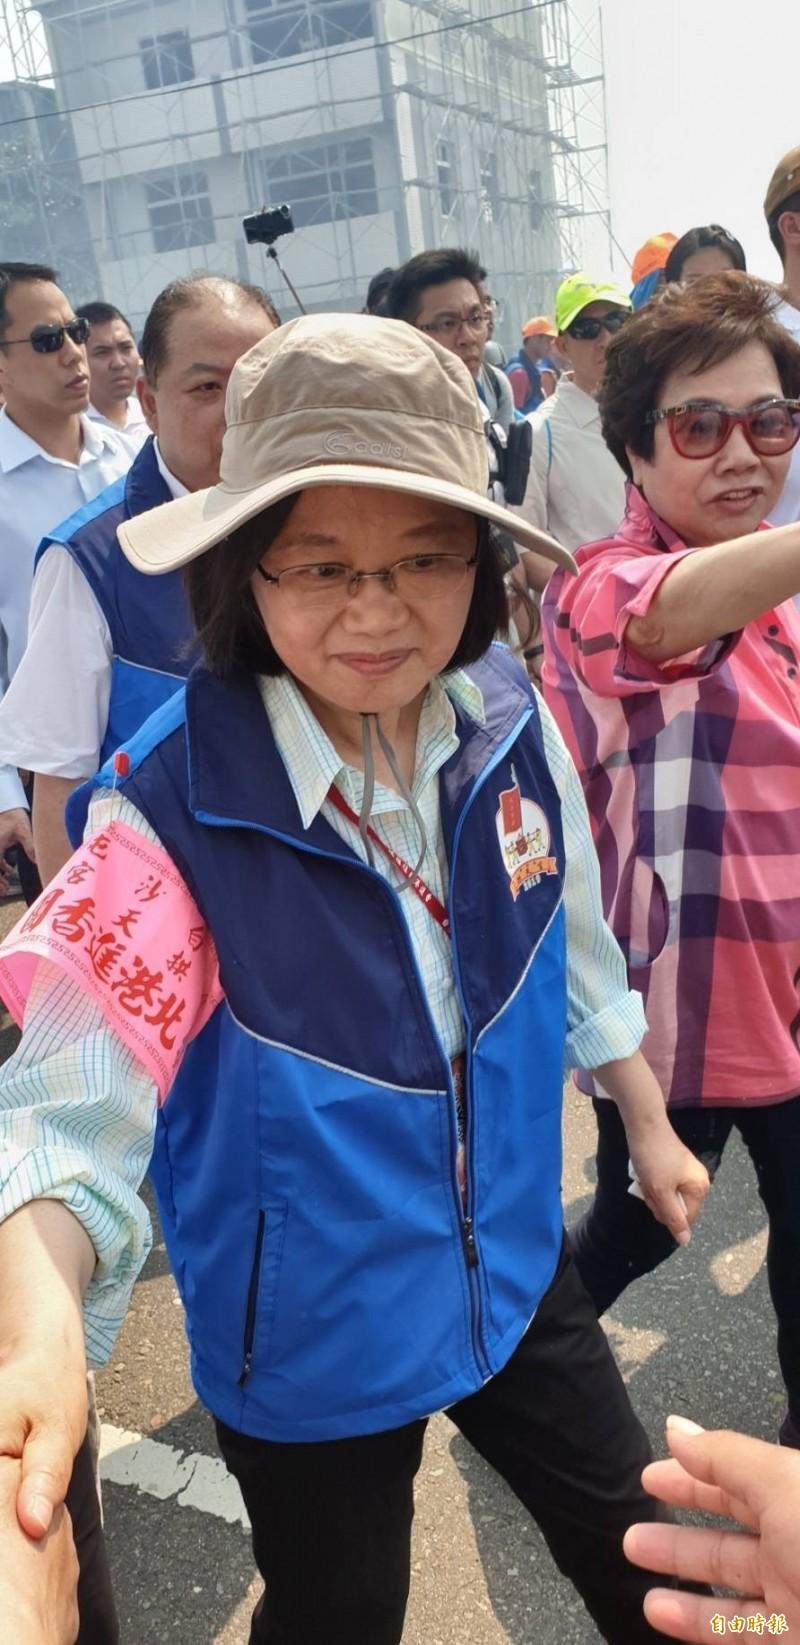 總統蔡英文化身香燈腳陪白沙屯媽祖進香徒步5公里。(記者廖淑玲攝)